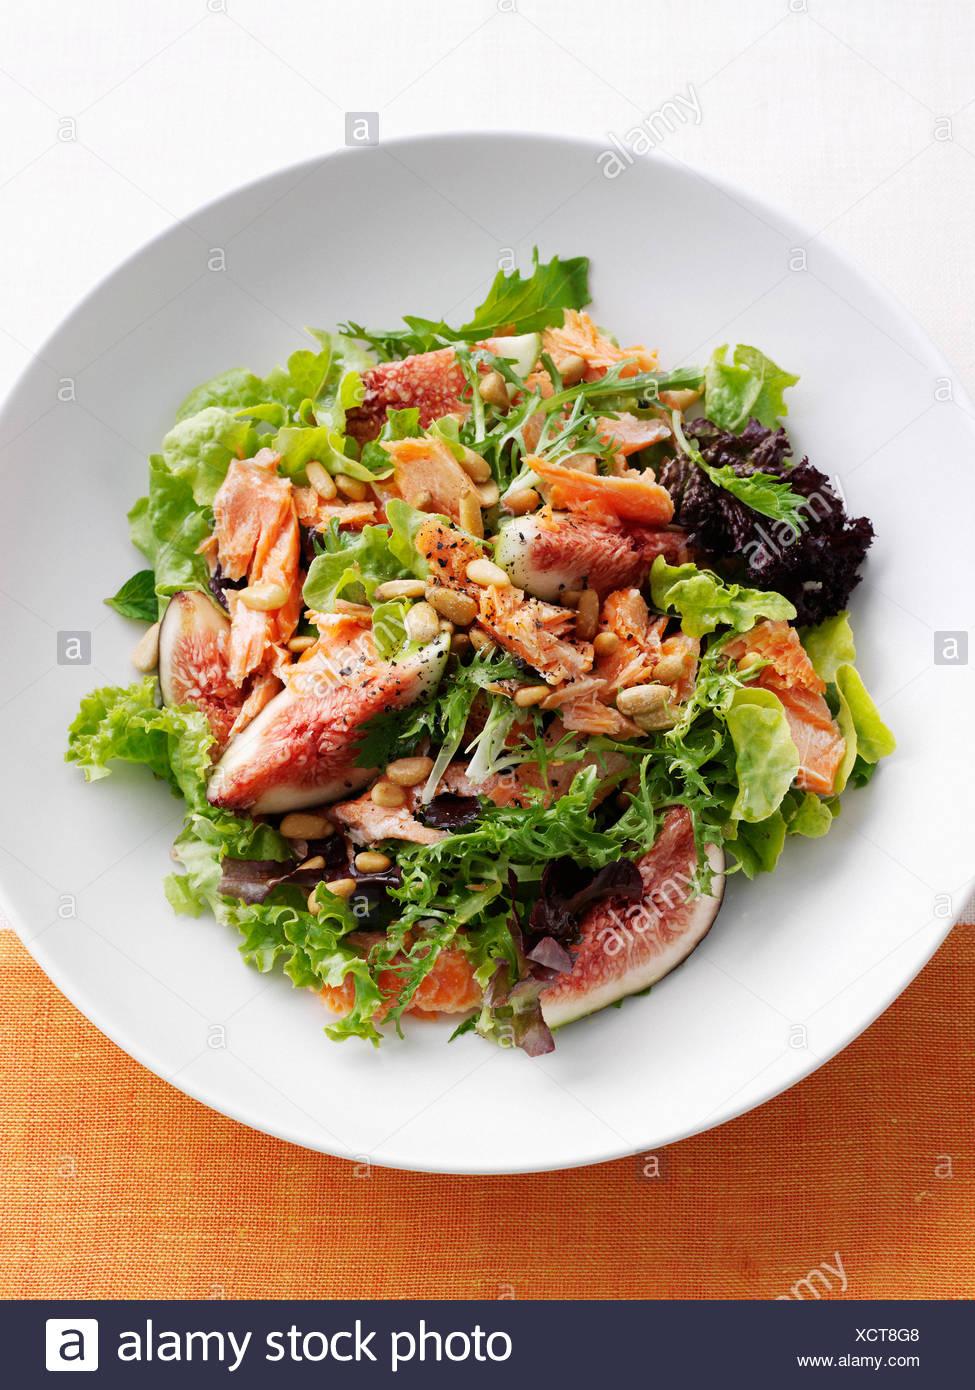 Assiette de poisson et salade de figues Photo Stock